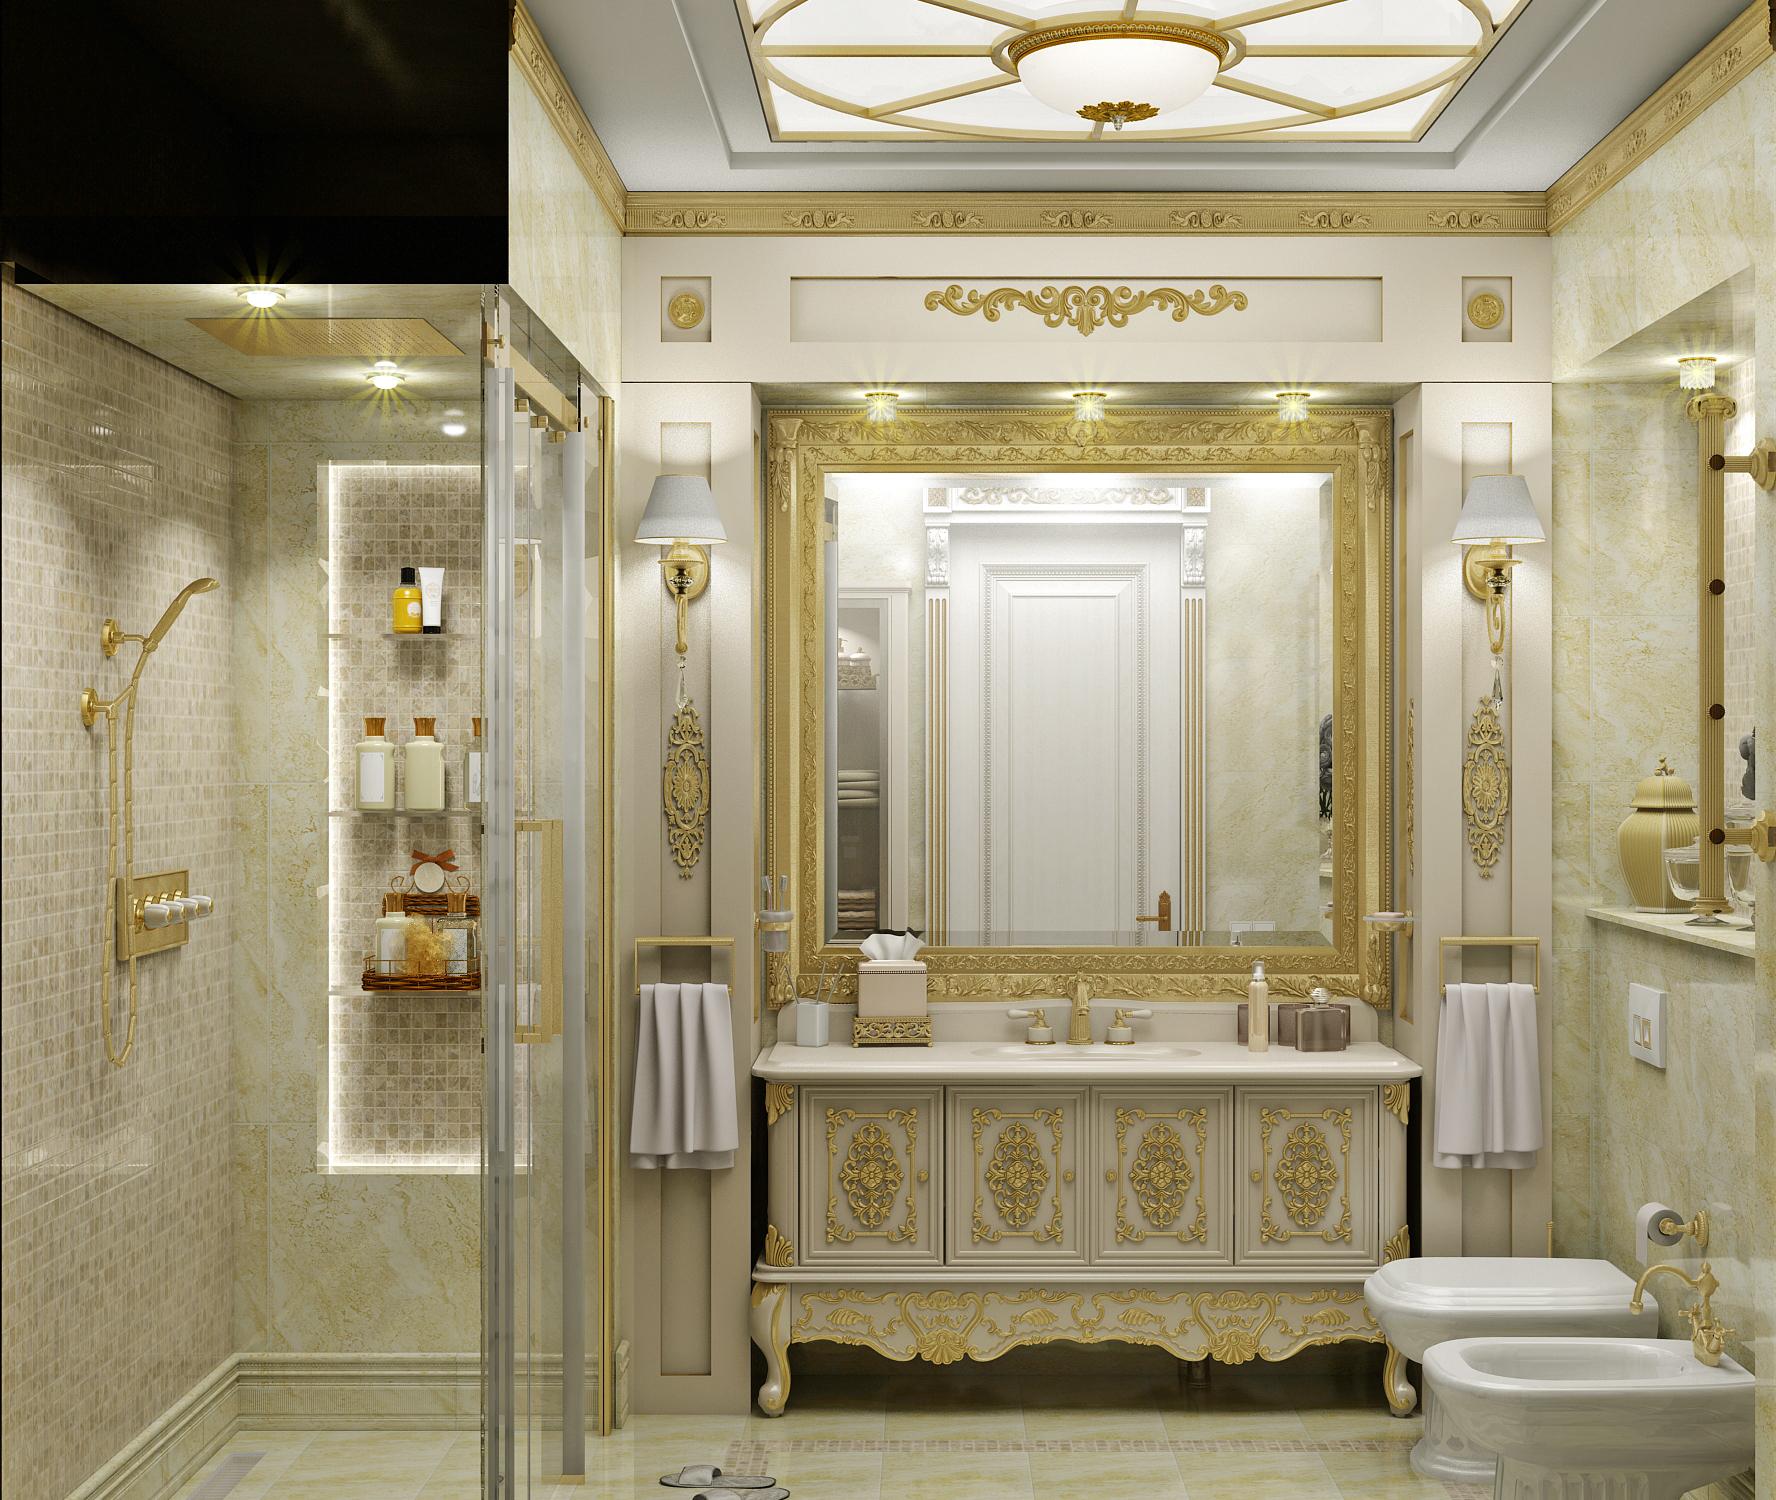 Дизайн интерьера и ремонт квартир Современные идеи и фото